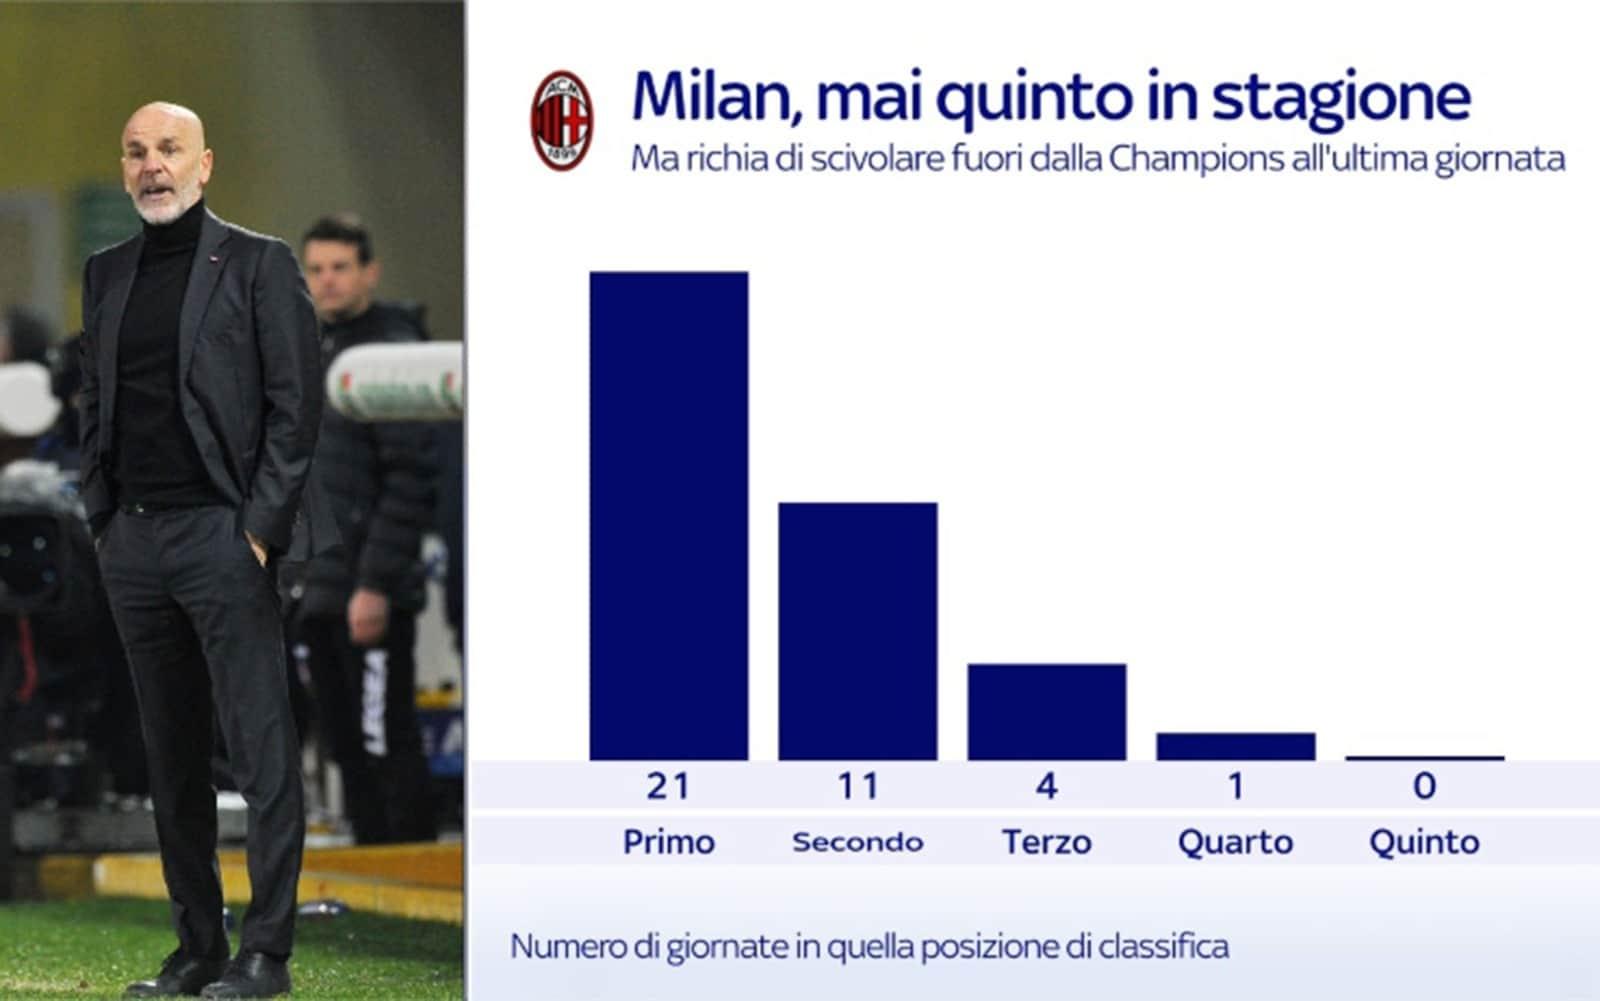 La classifica del Milan in questa stagione